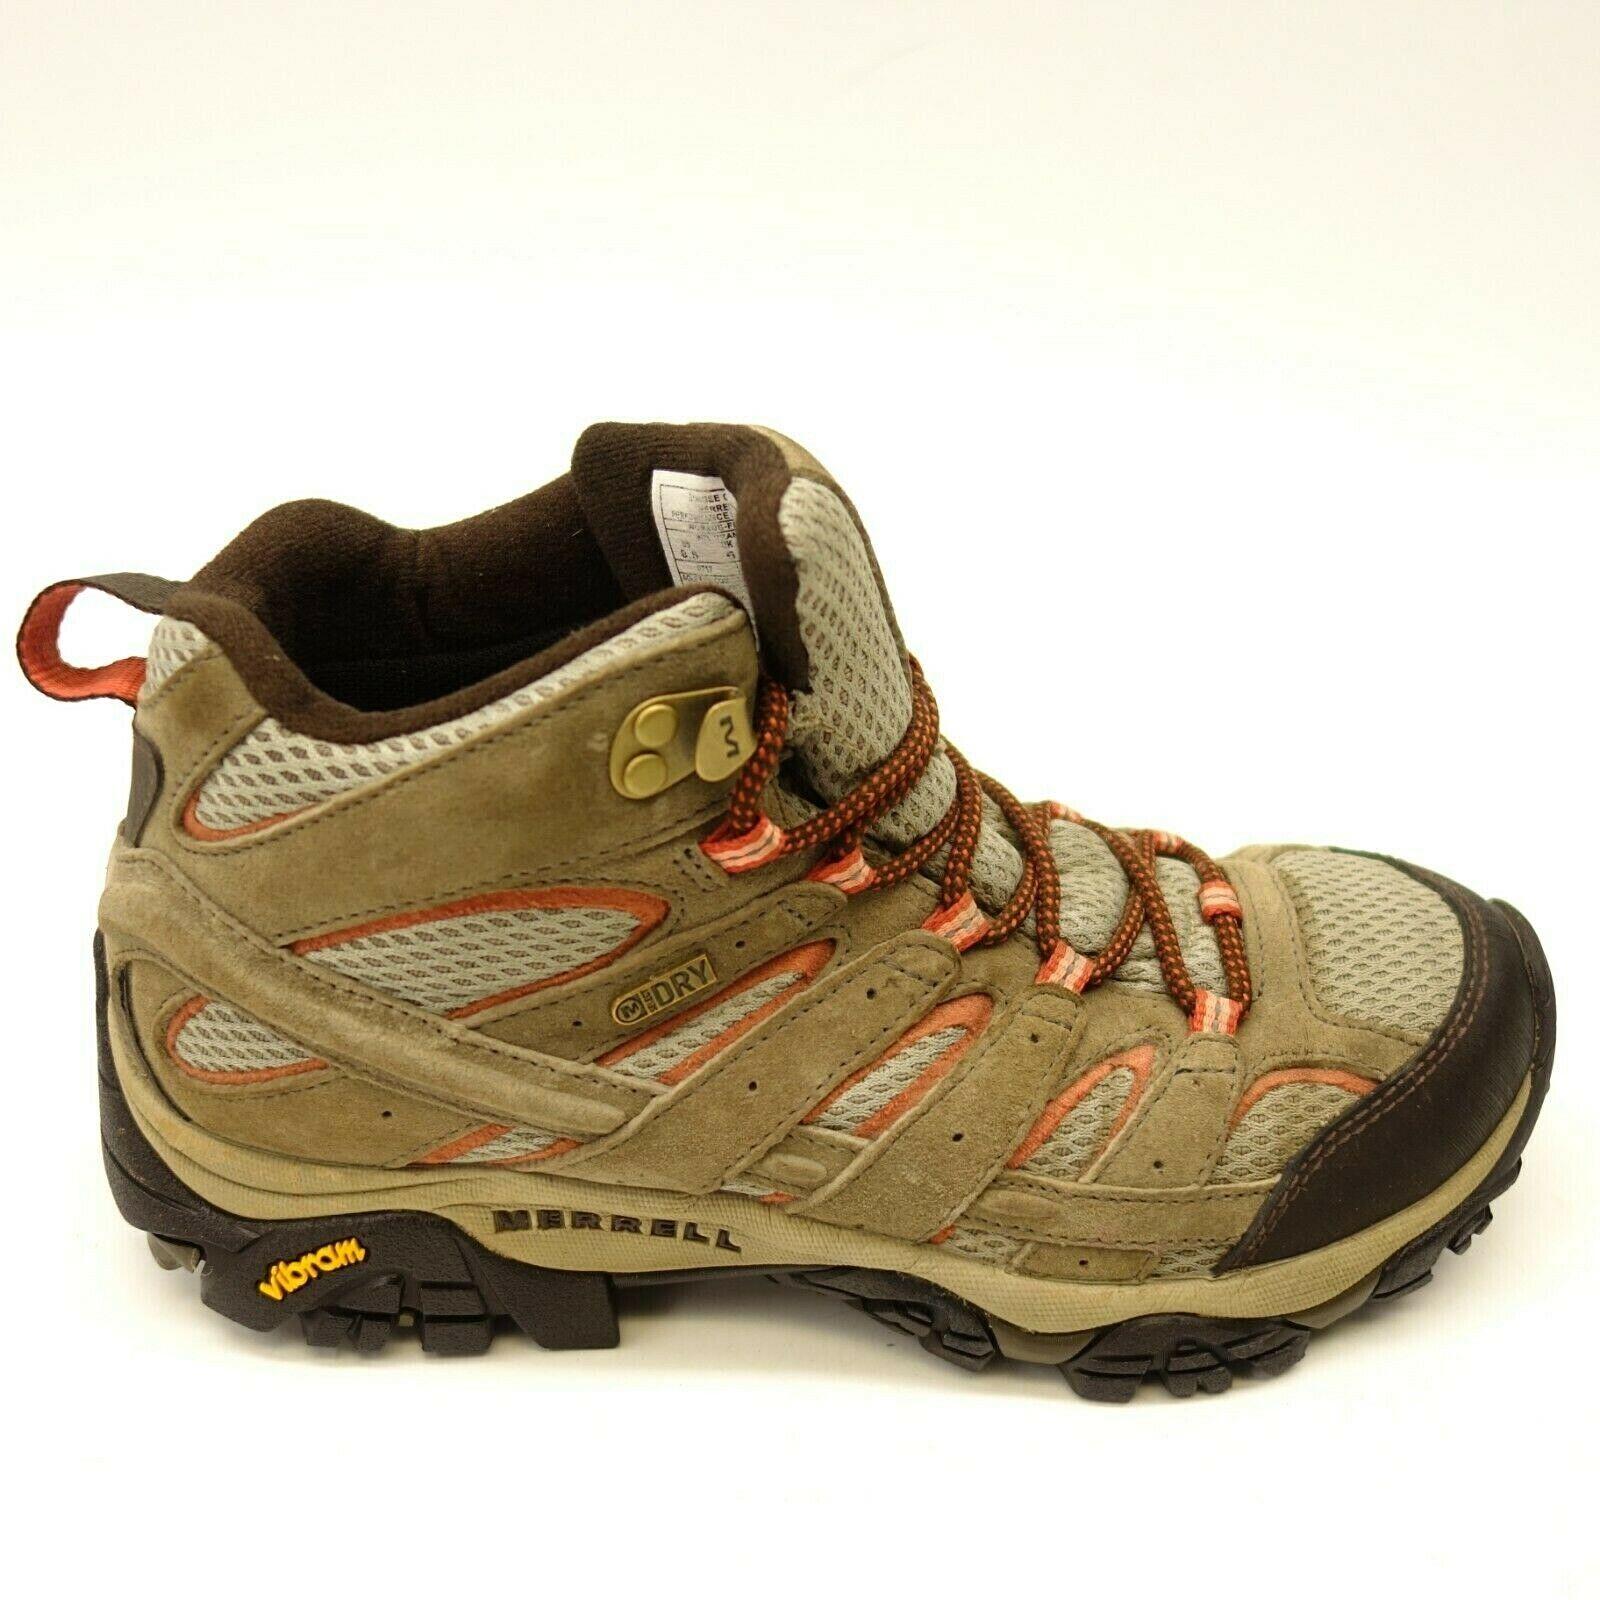 Merrell Moab 2 Mid US 8.5 Eu 39 Wandern Wasserdicht Athletic Damen Stiefel